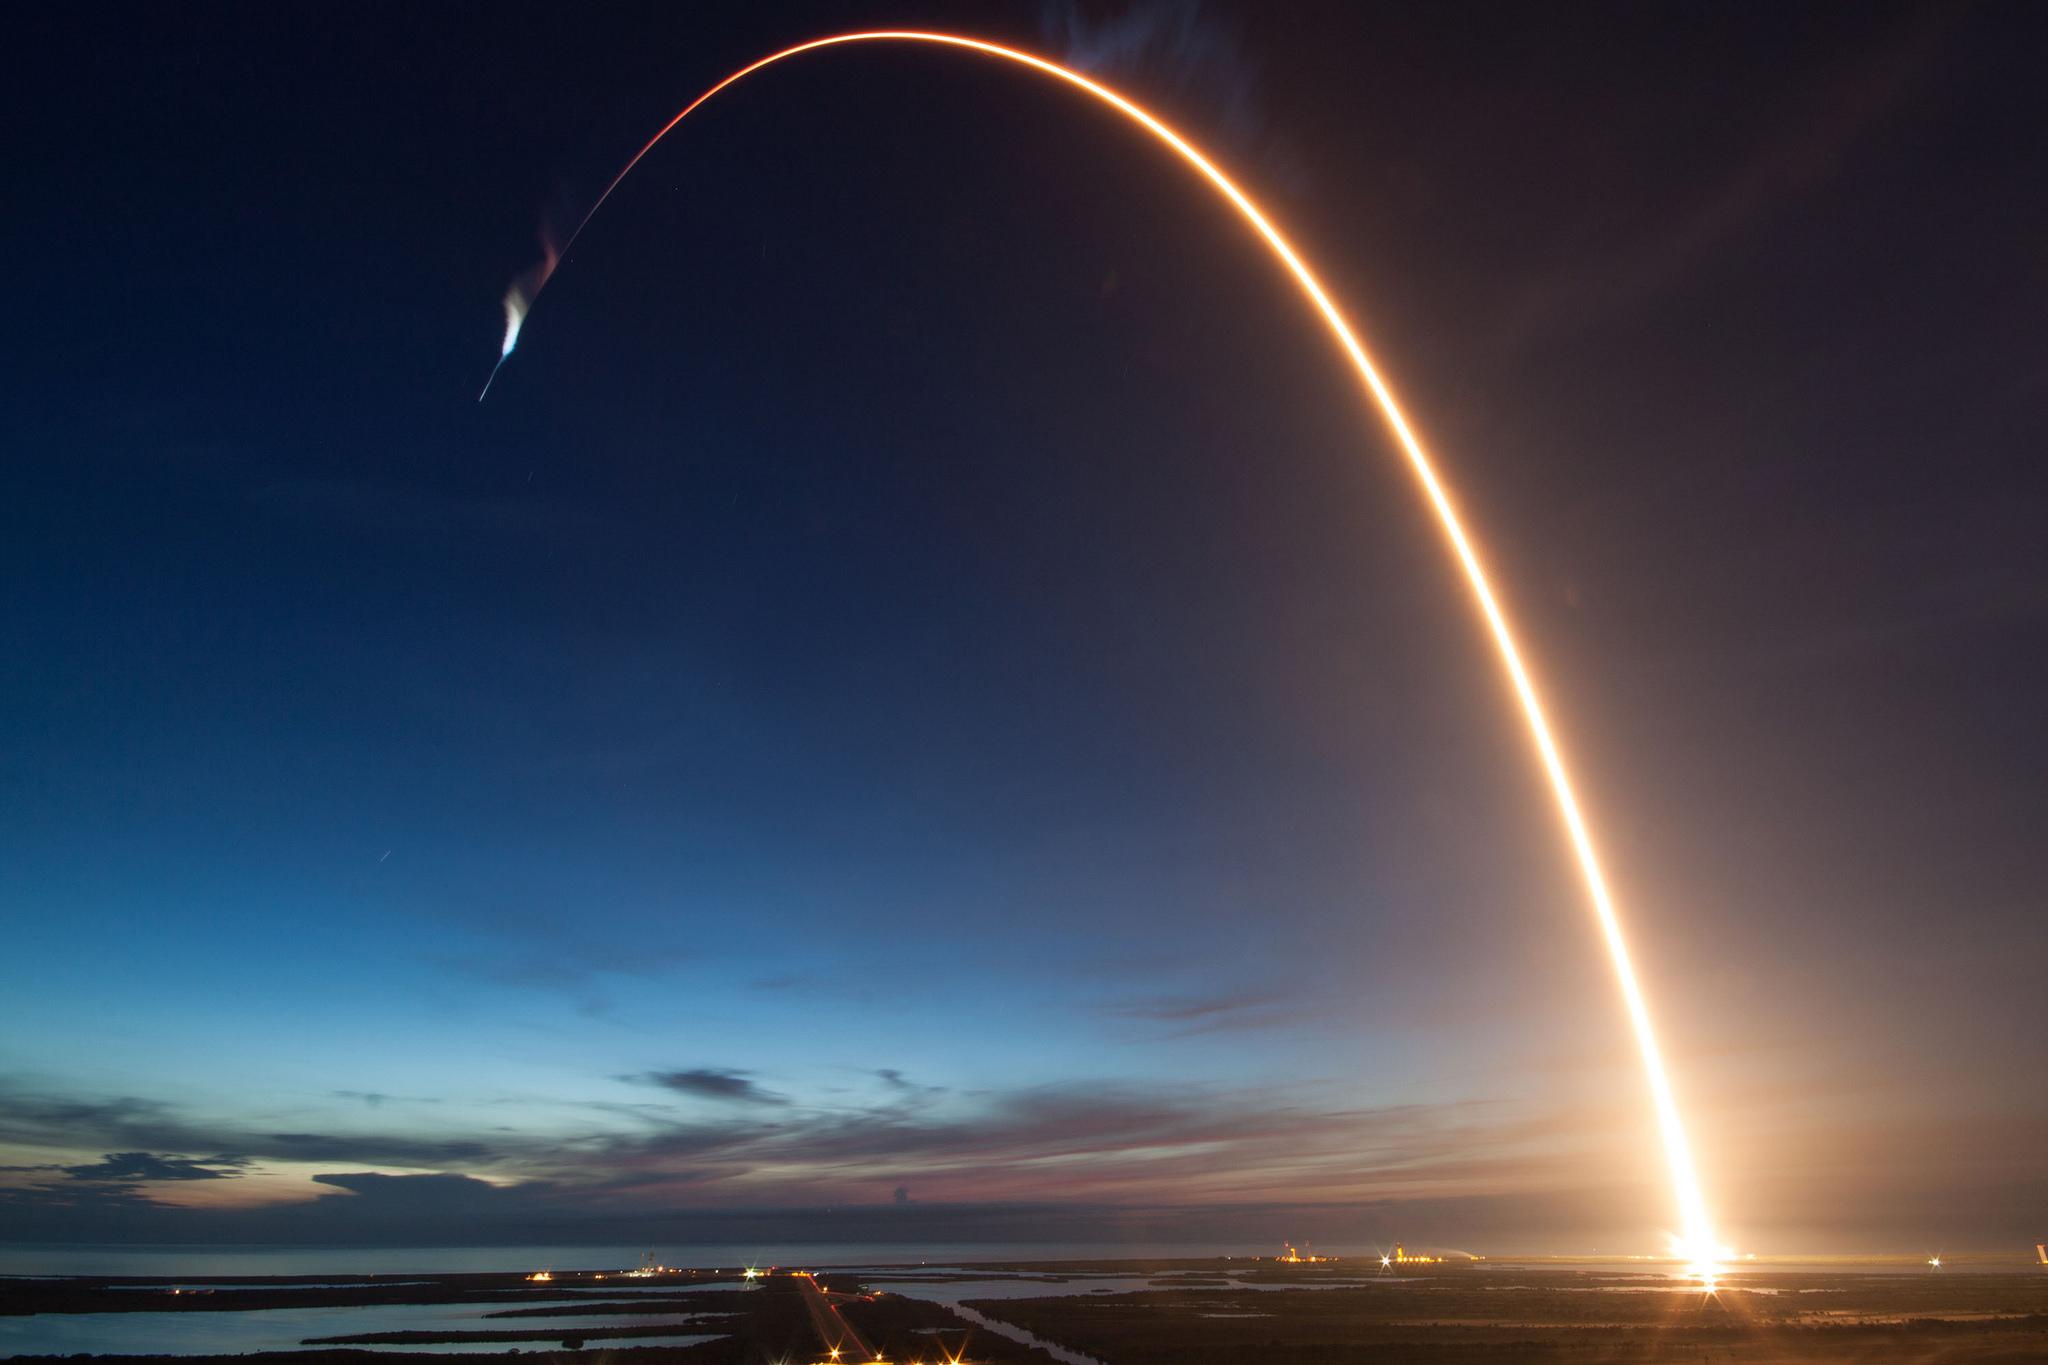 Raketen följer jordens rundning